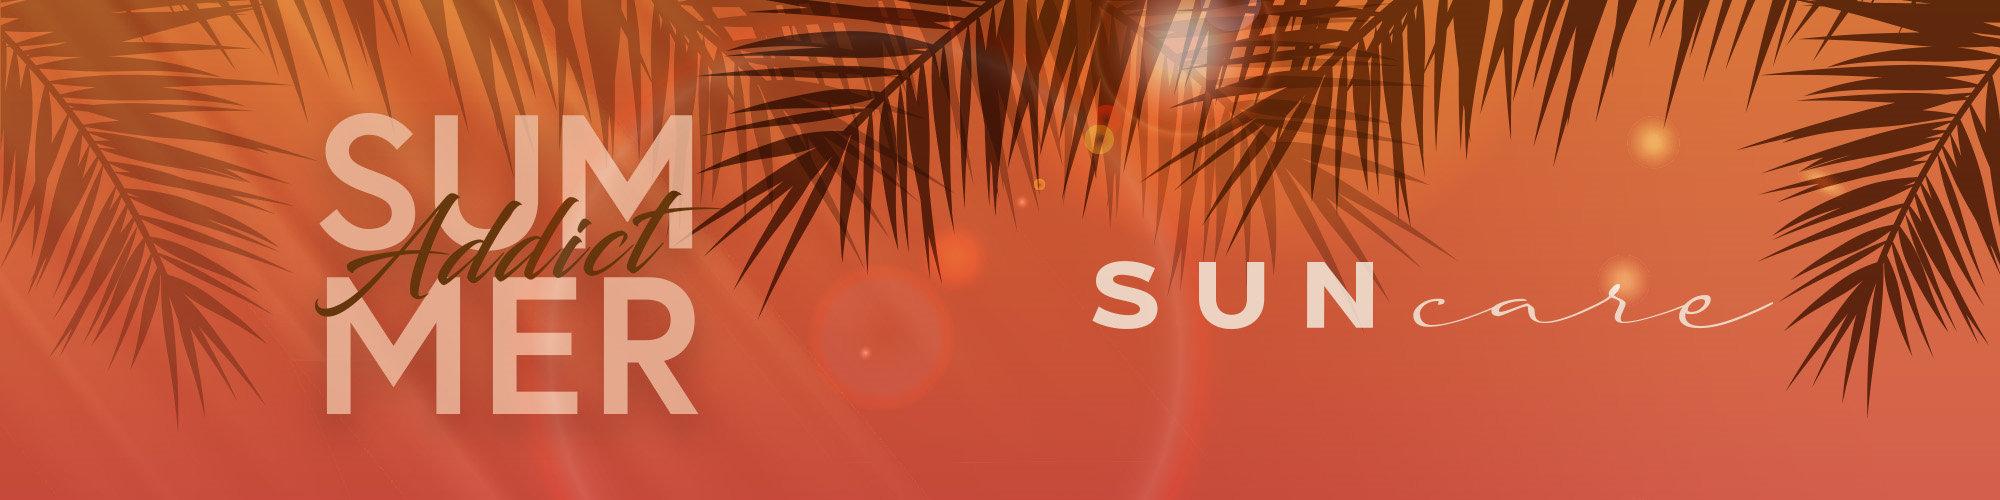 SUMMER ADDICT